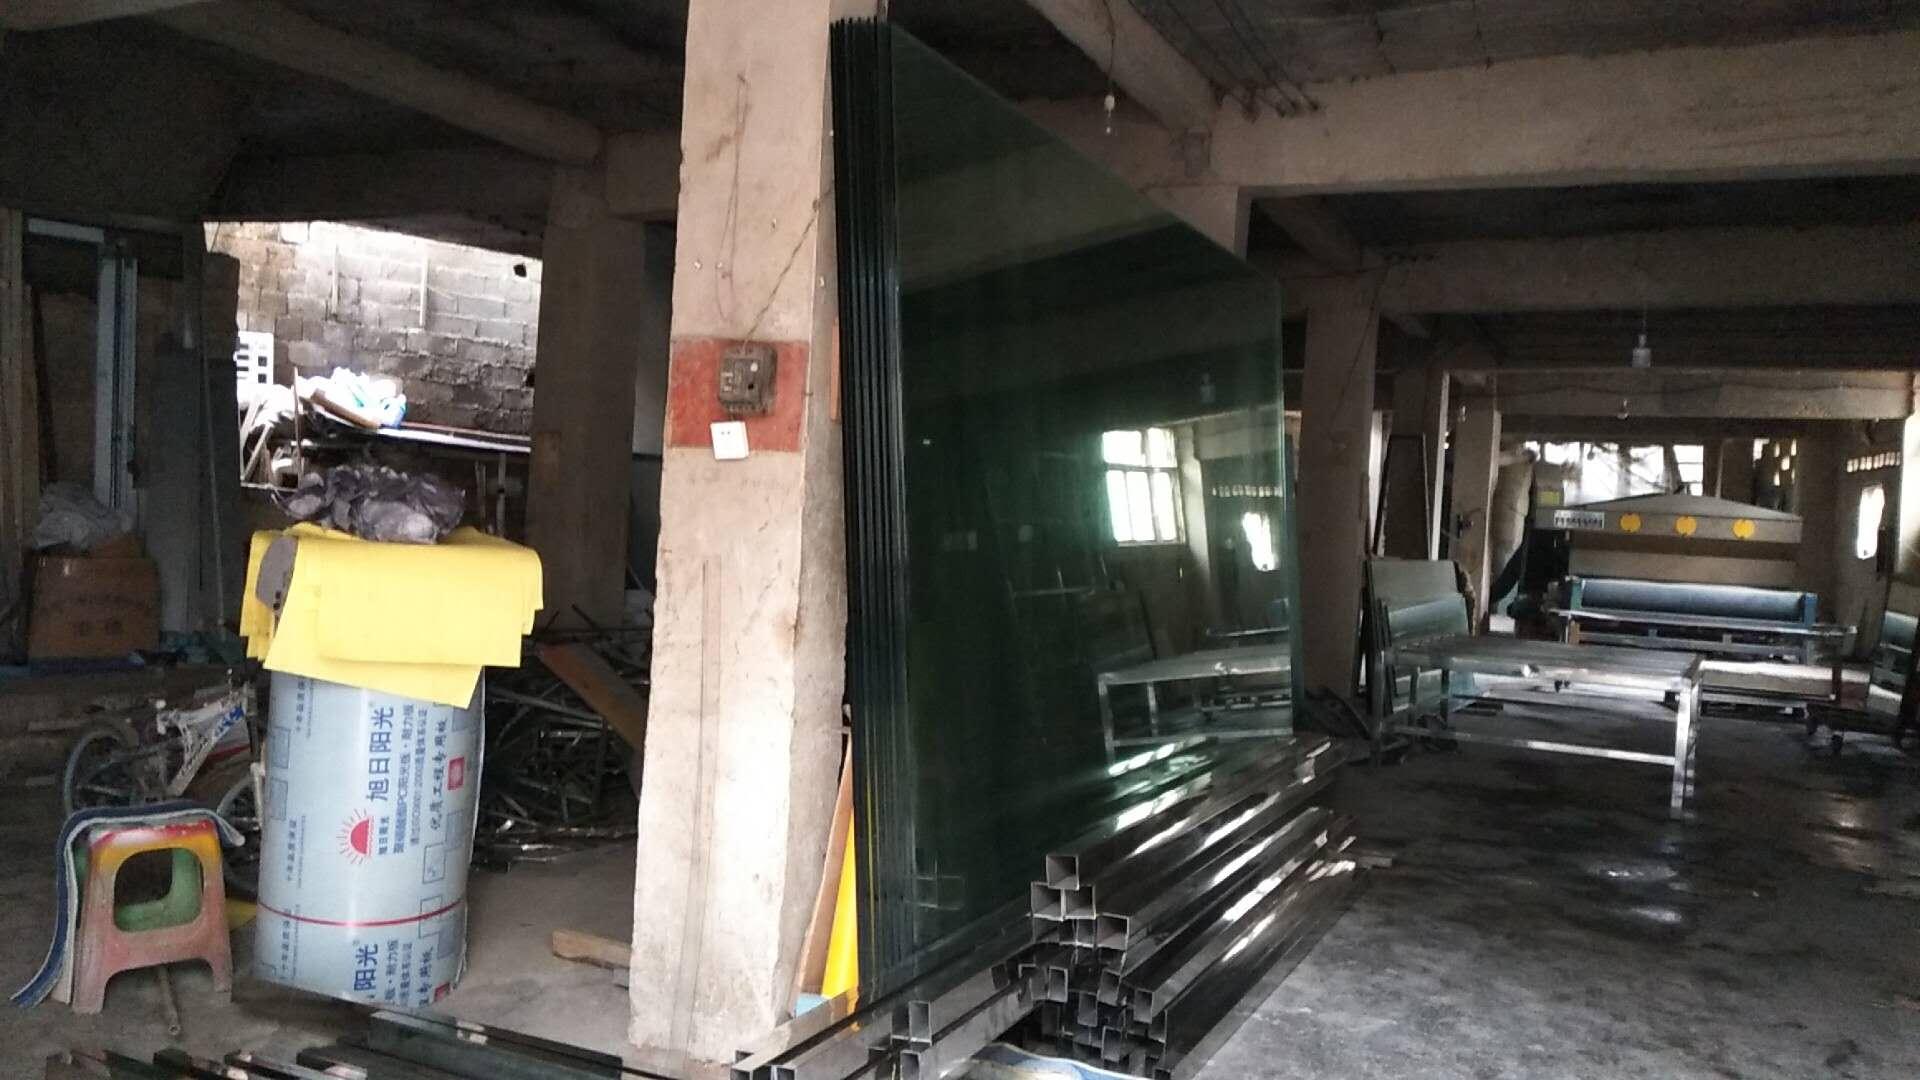 贵州玻璃隔断厂家,贵州玻璃隔断厂家,贵州玻璃隔断订做价格